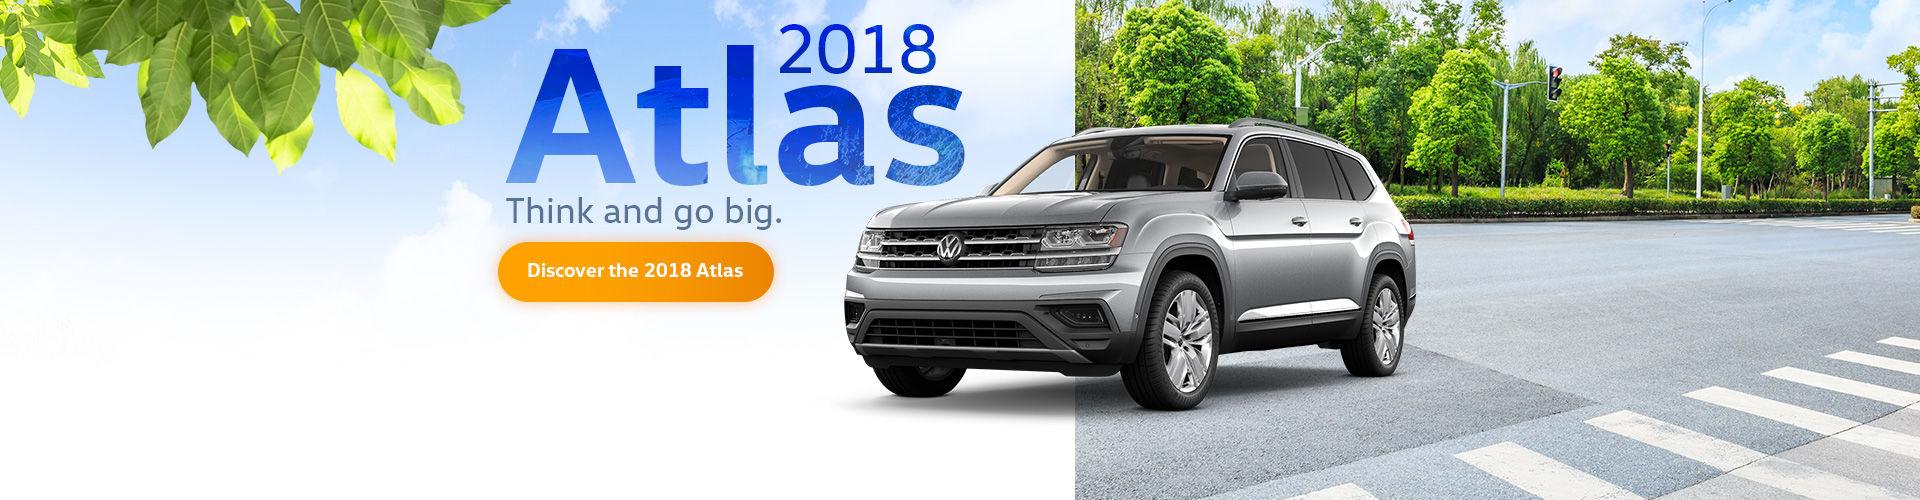 2018 Atlas